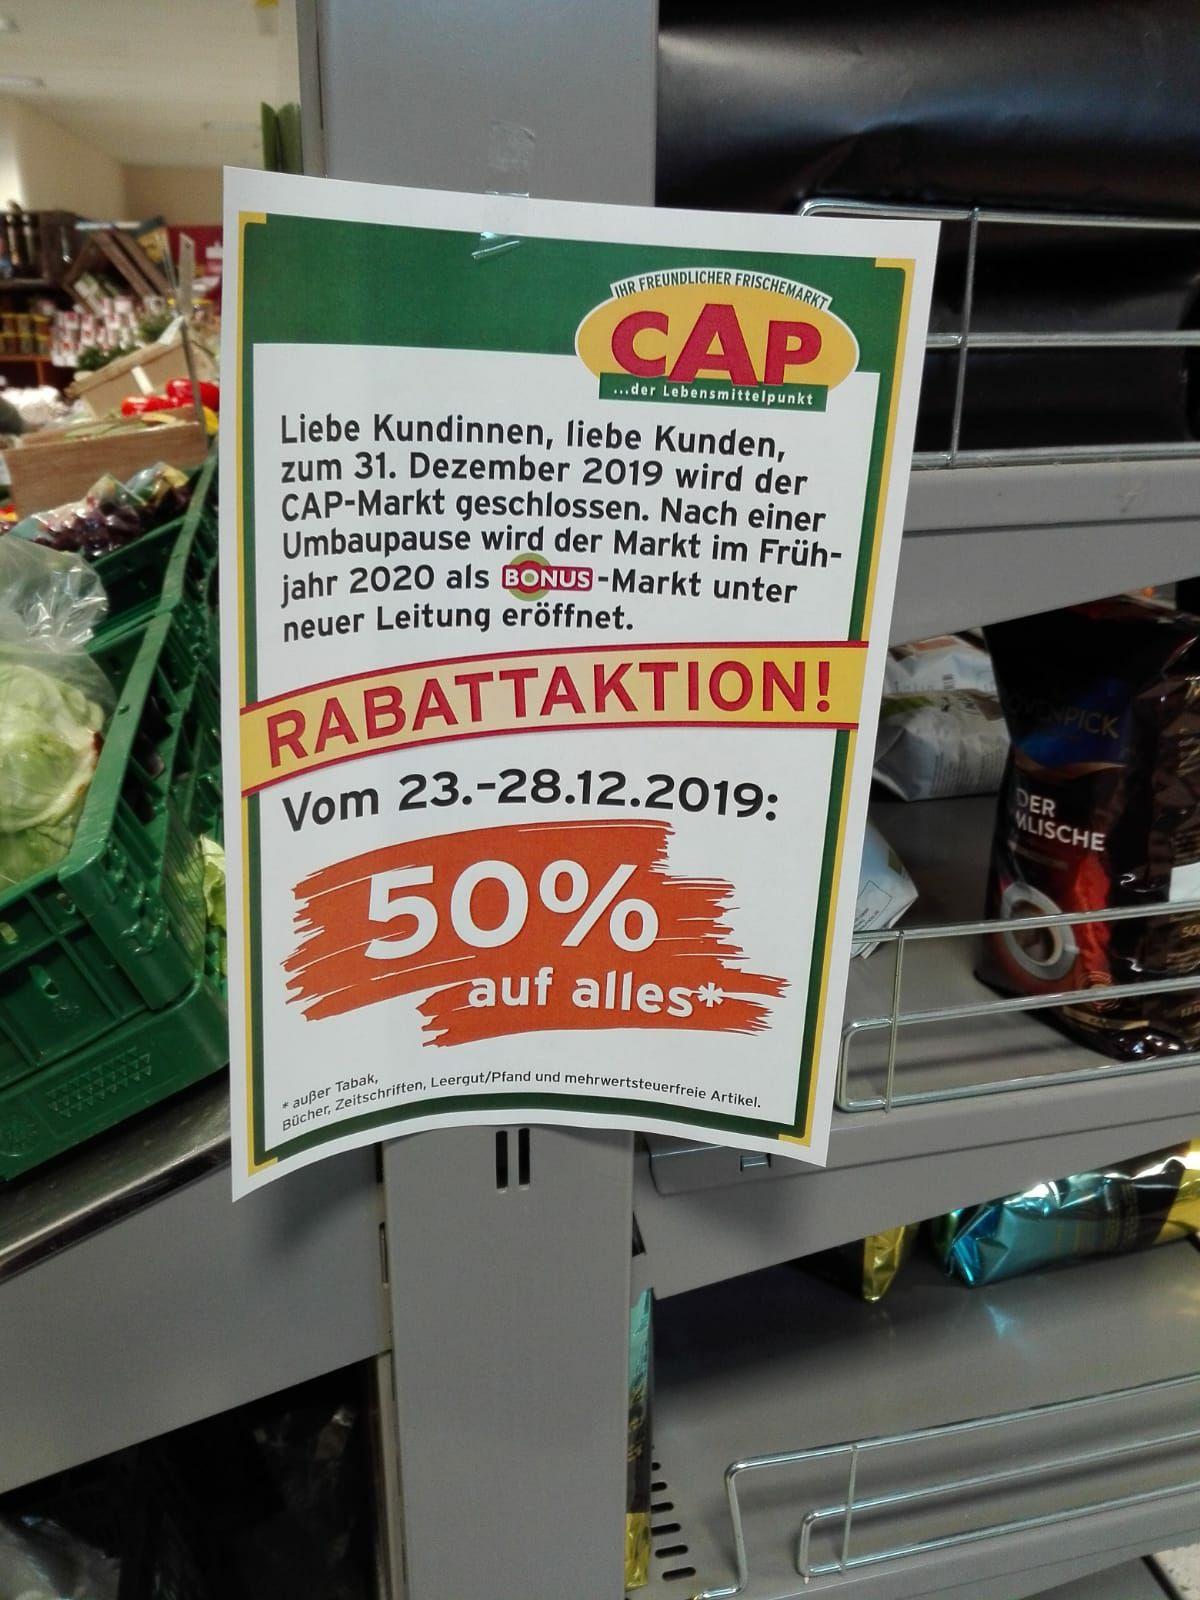 Cap Supermarkt Schließung 50% Rabatt auf das gesamte Sortiment